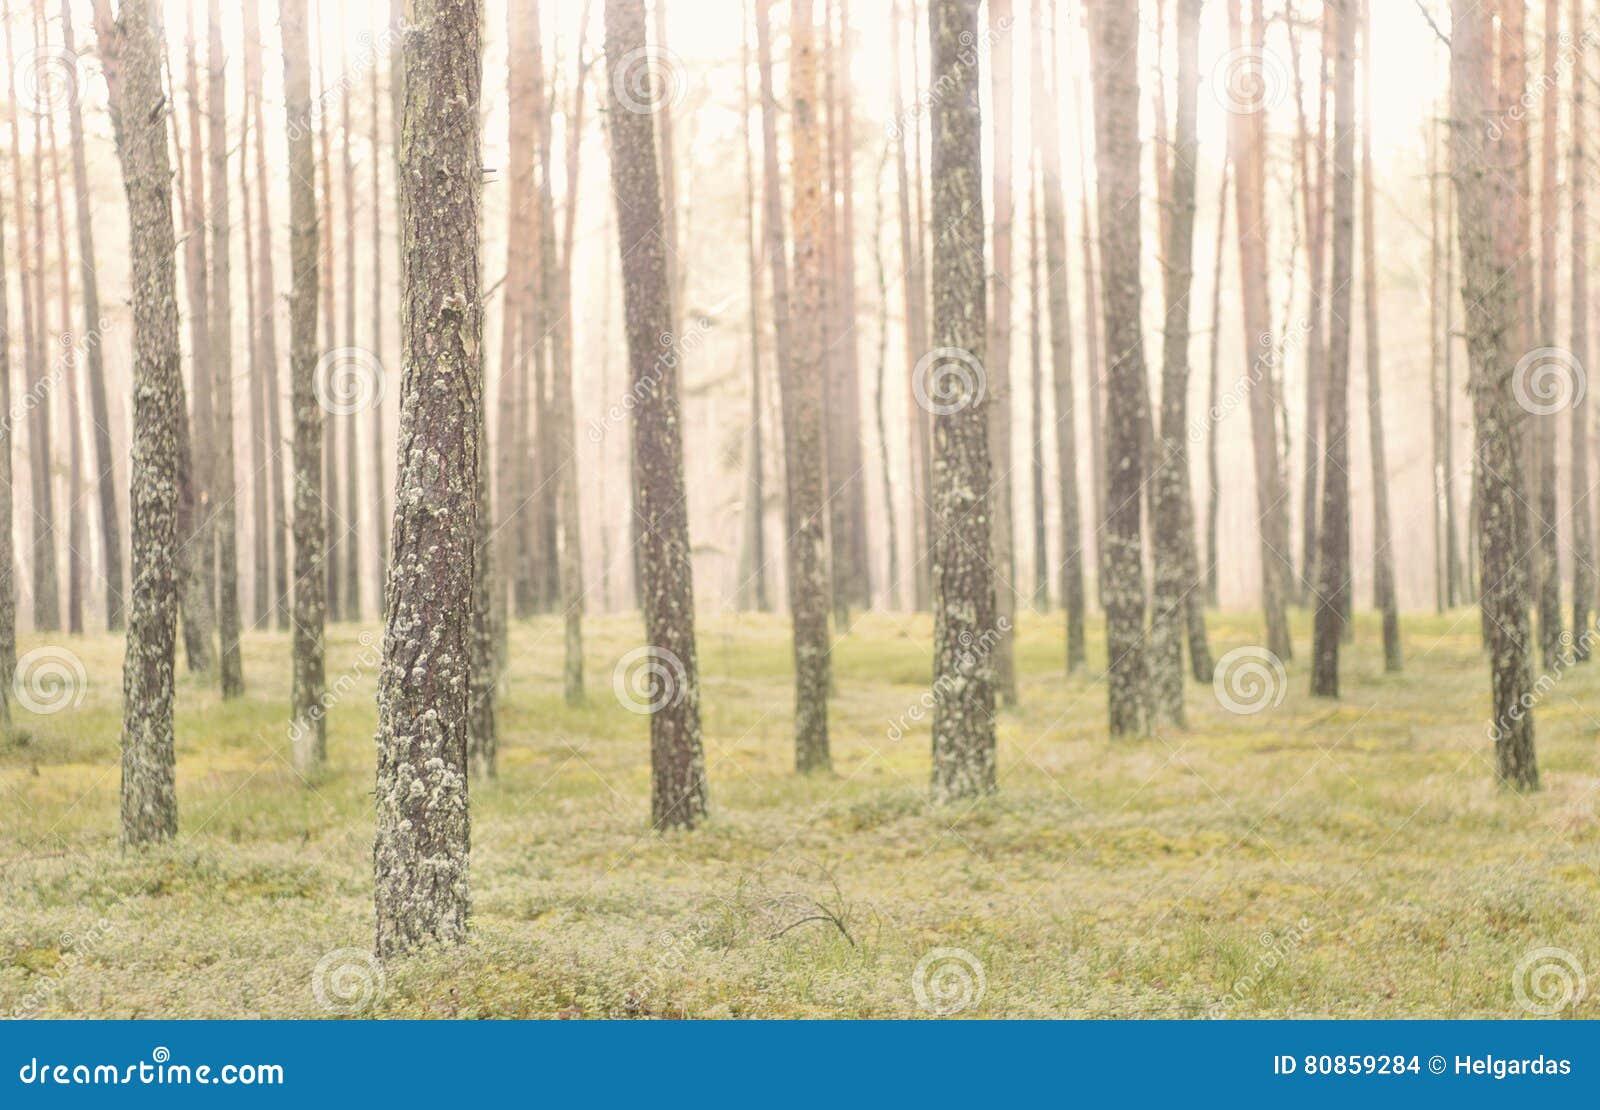 Troncos de pinheiro na floresta